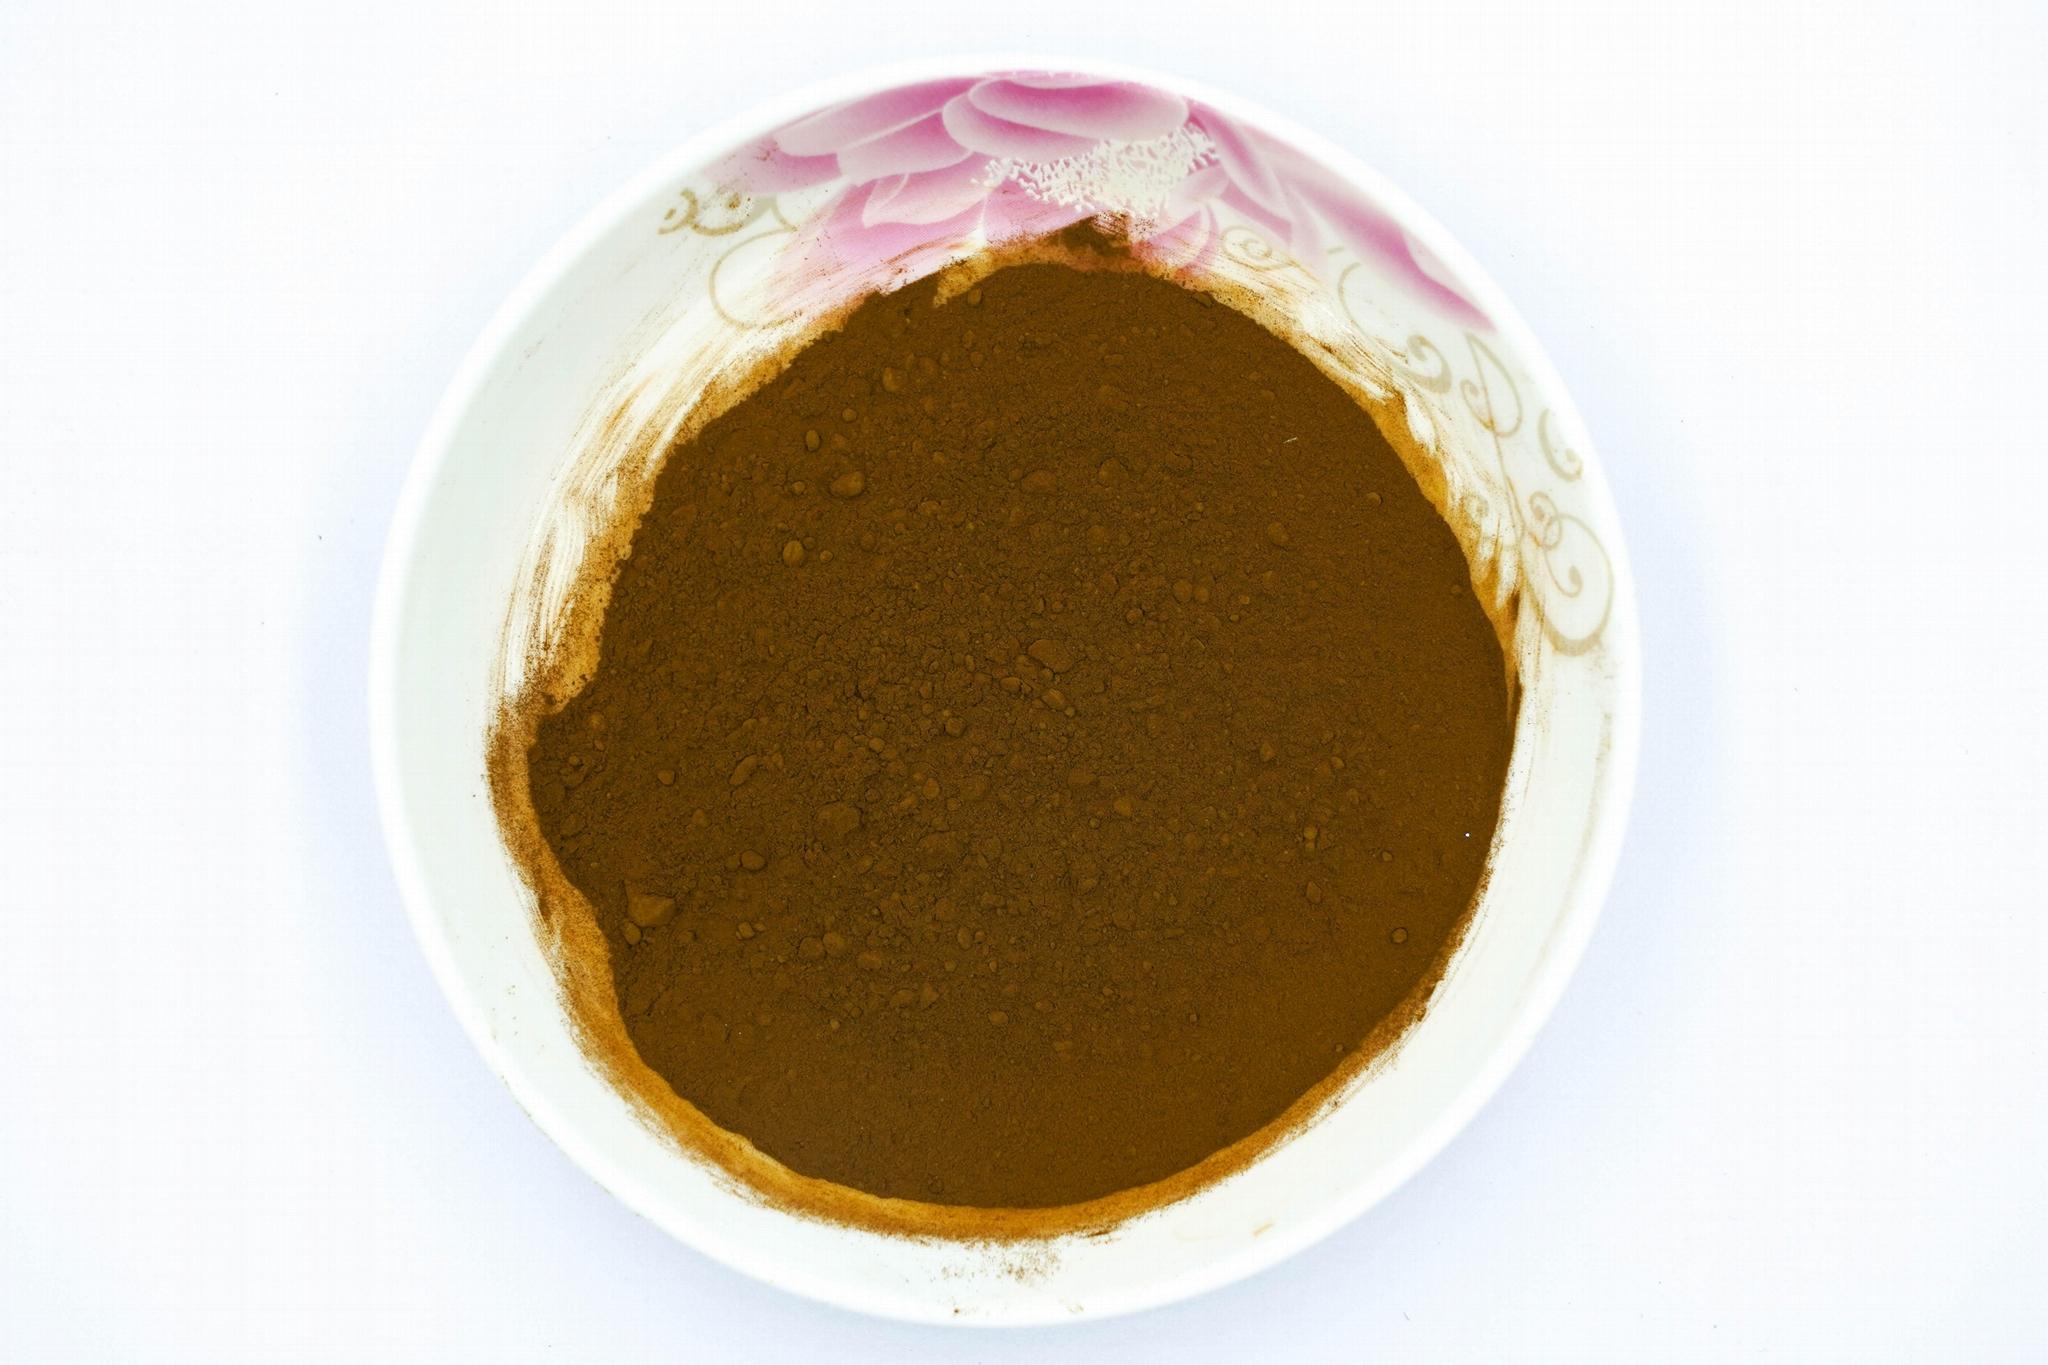 Natural salt alga extract/dunaliella salina extract powder 1